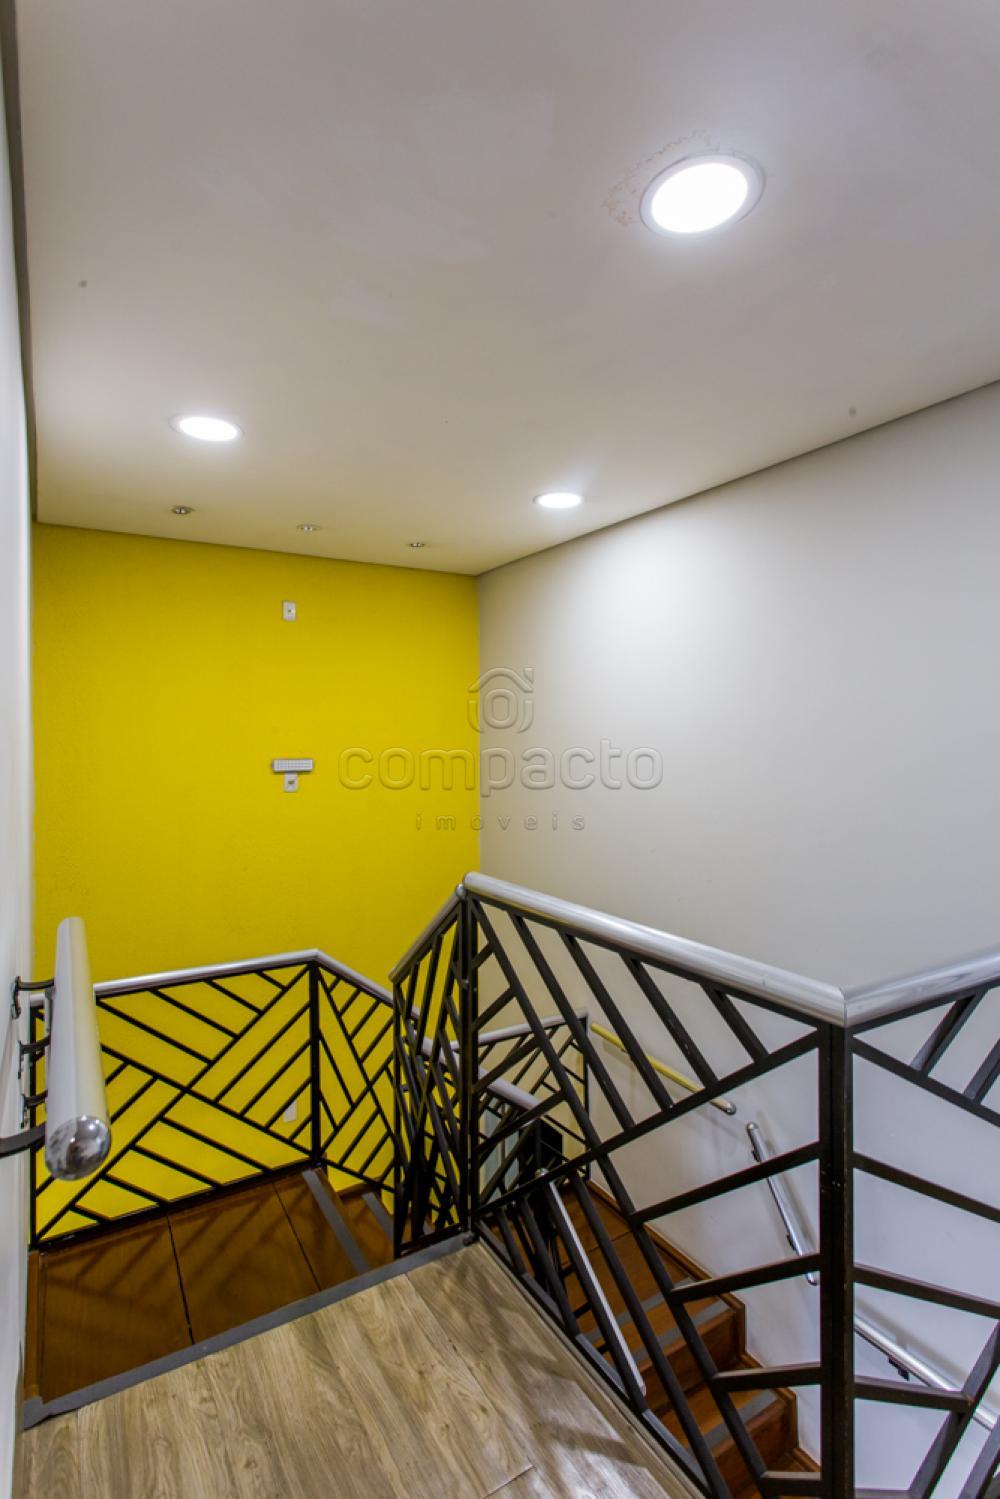 Alugar Comercial / Prédio em São Paulo apenas R$ 12.000,00 - Foto 19